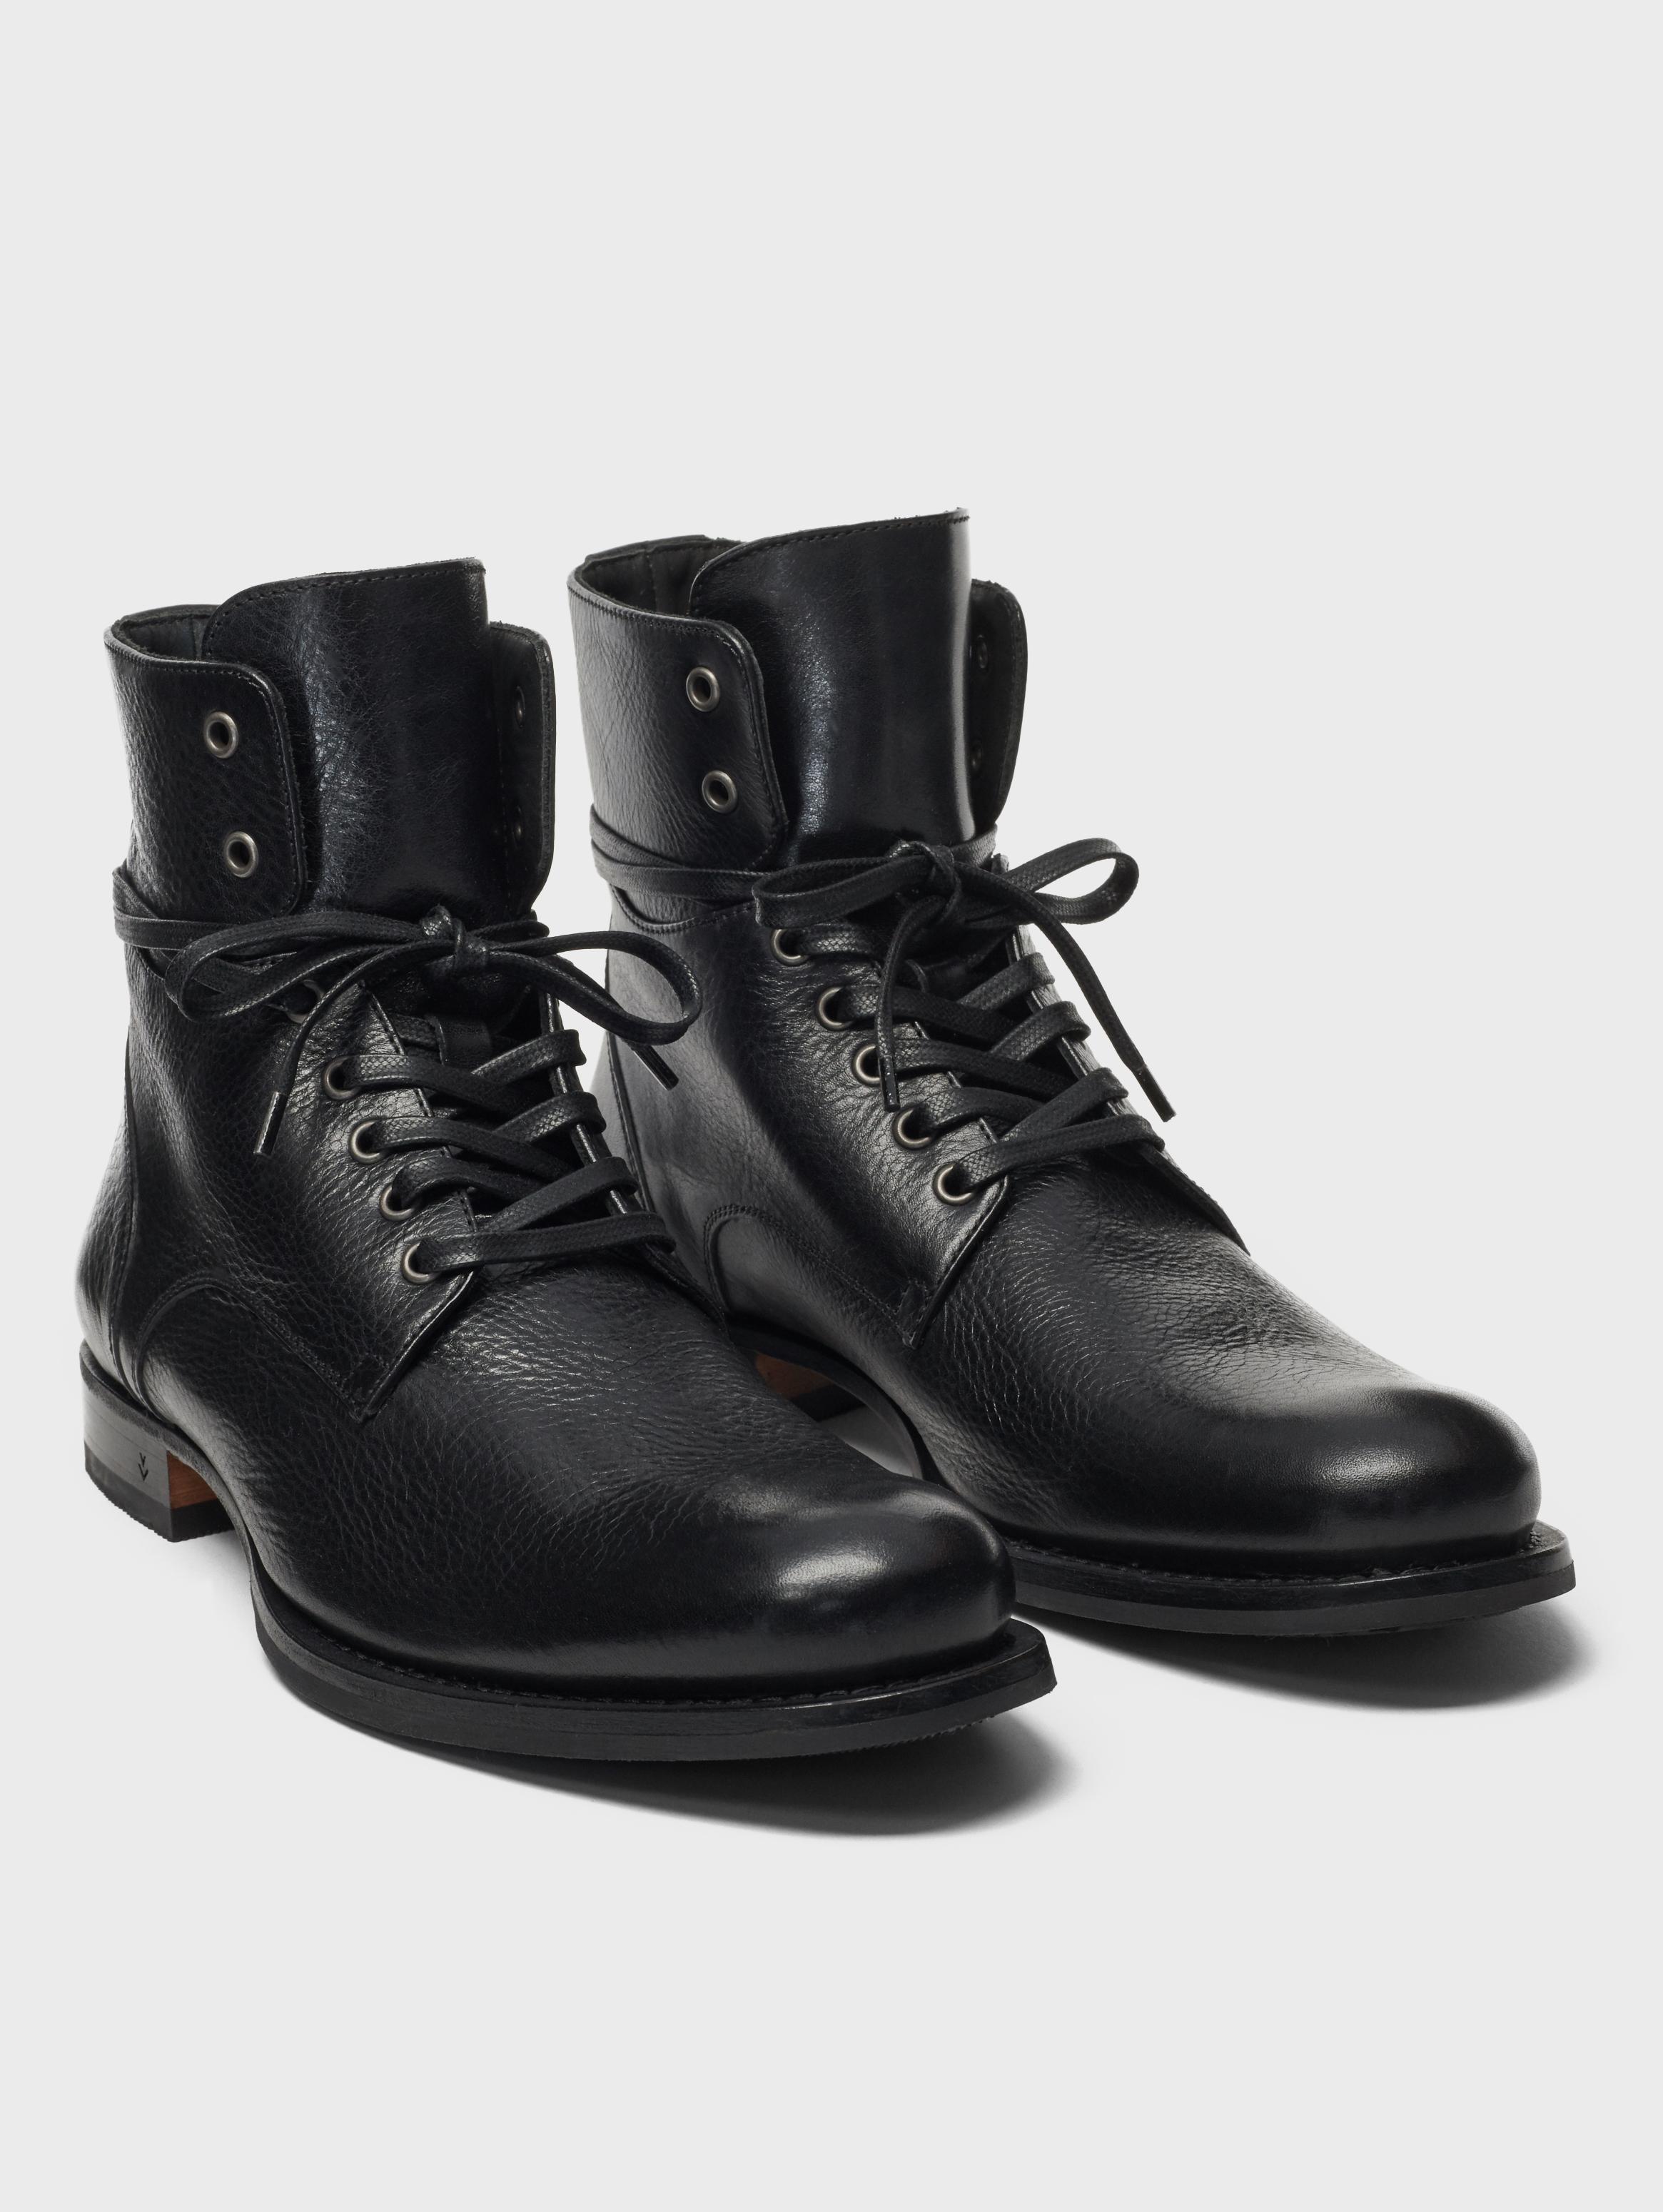 John Varvatos 606  Artisan Convertible Boots Black